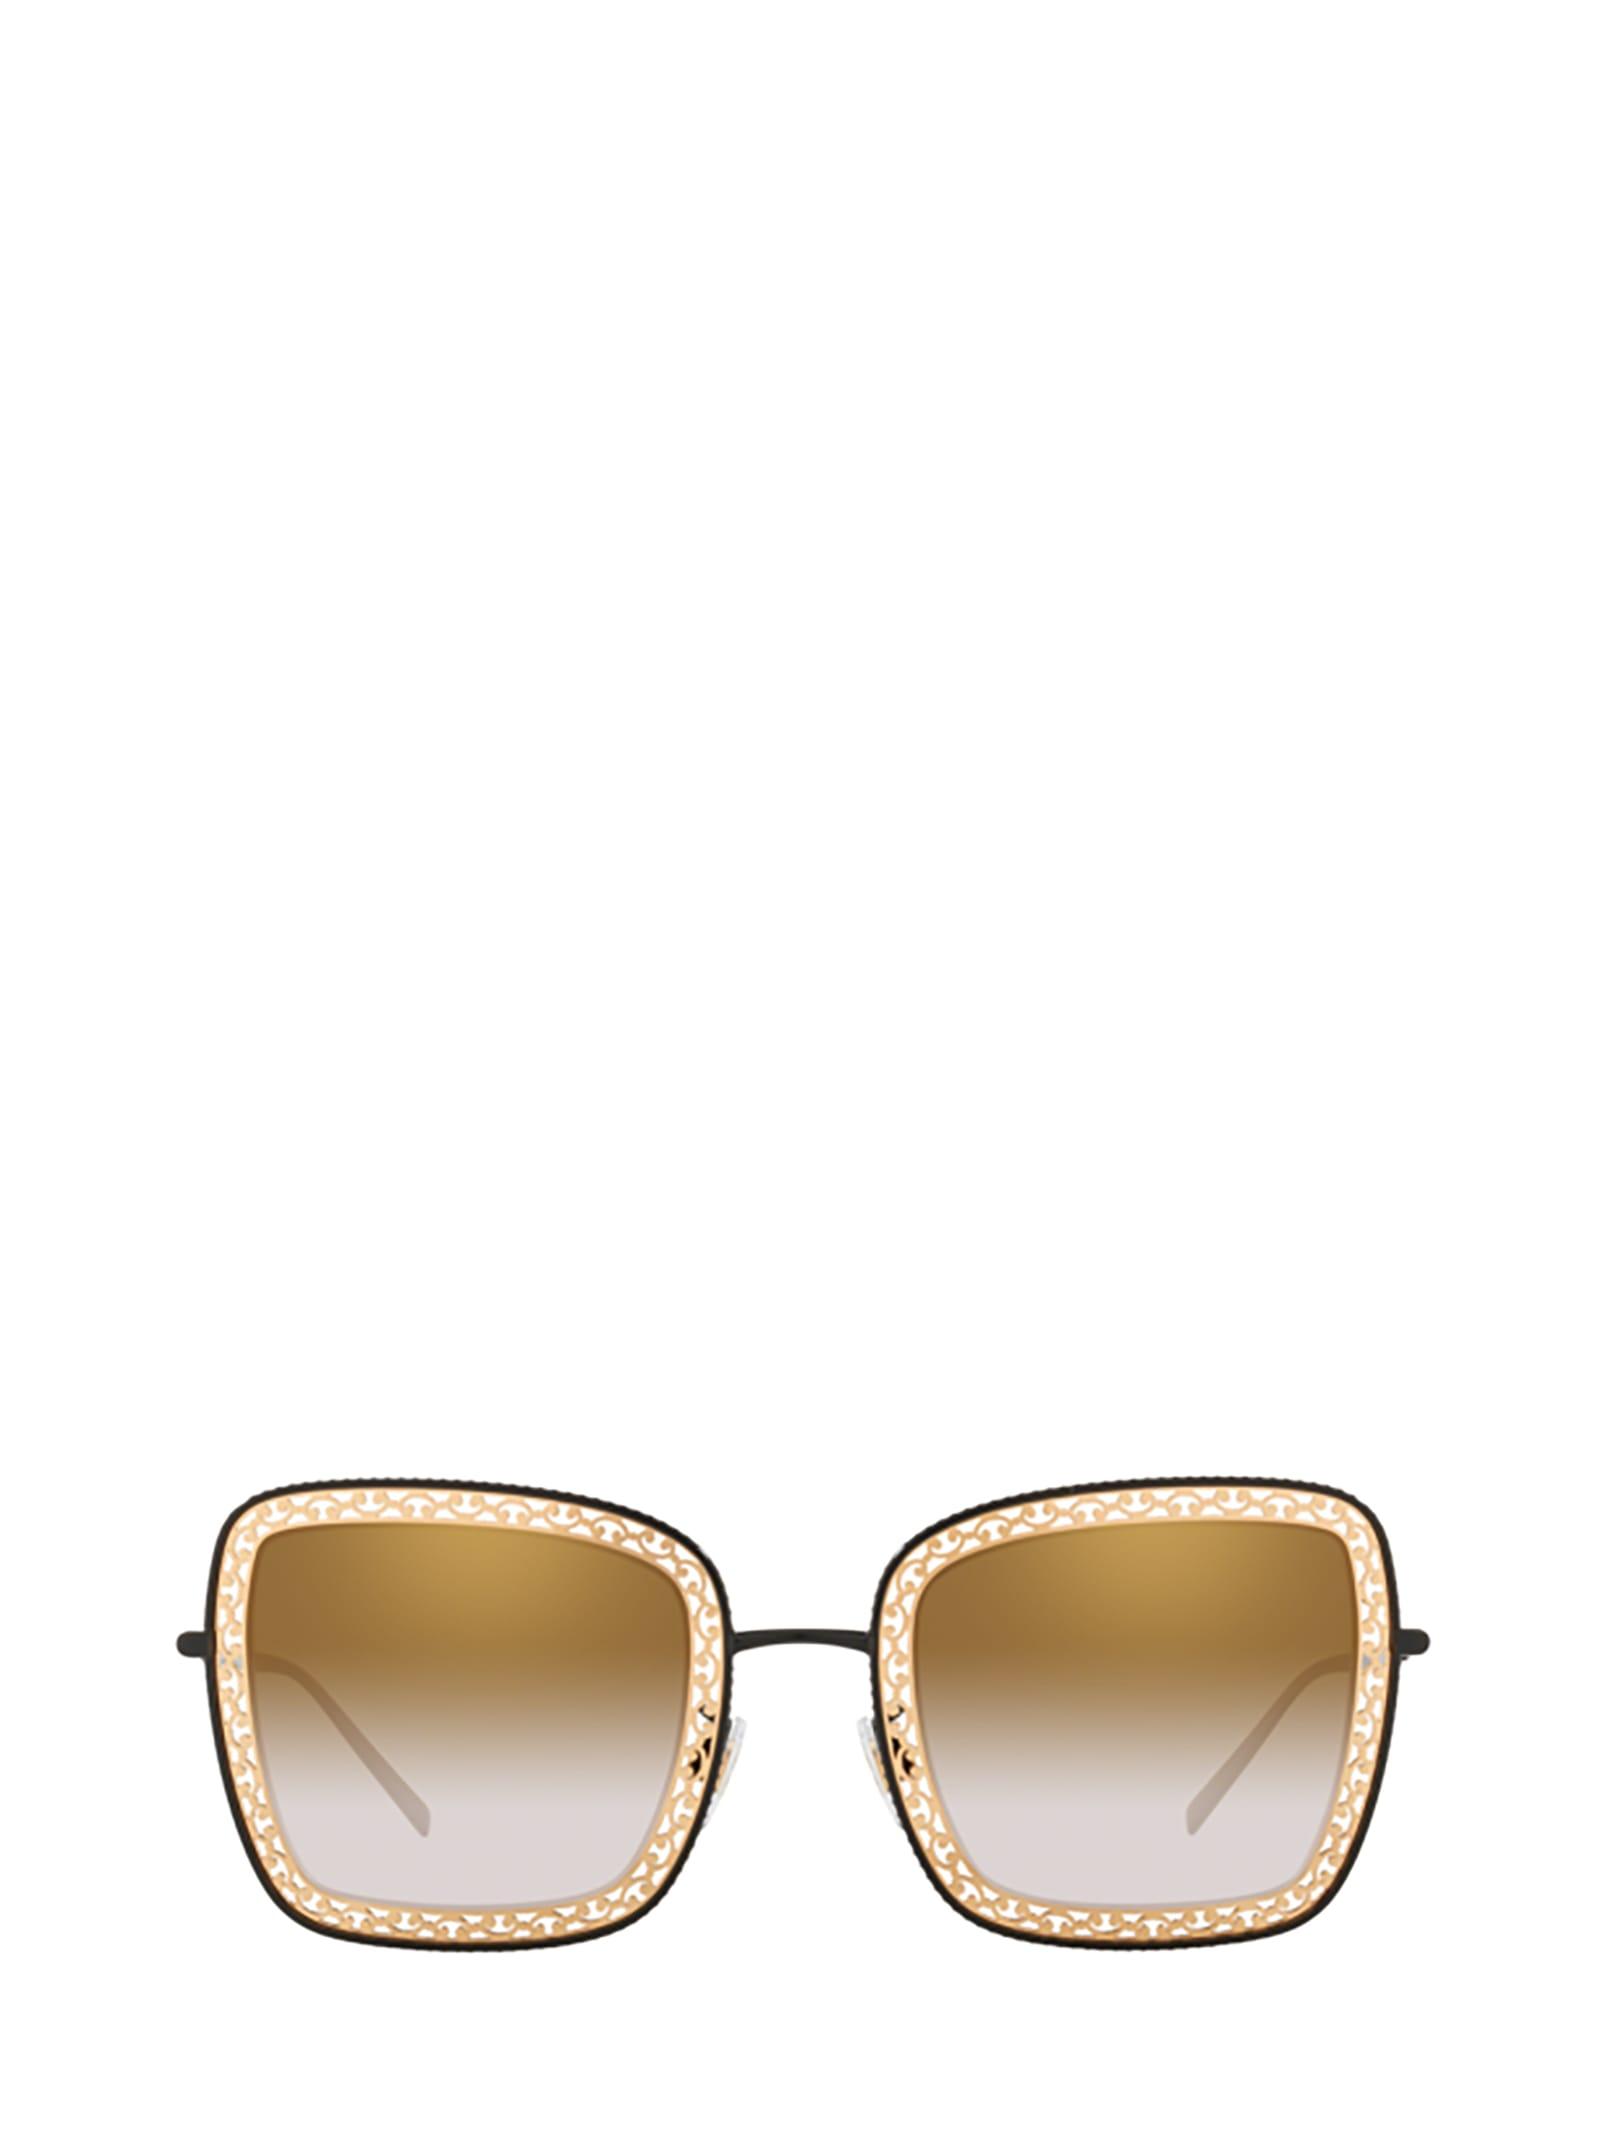 Dolce & Gabbana Dolce & Gabbana Dg2225 13116e Sunglasses